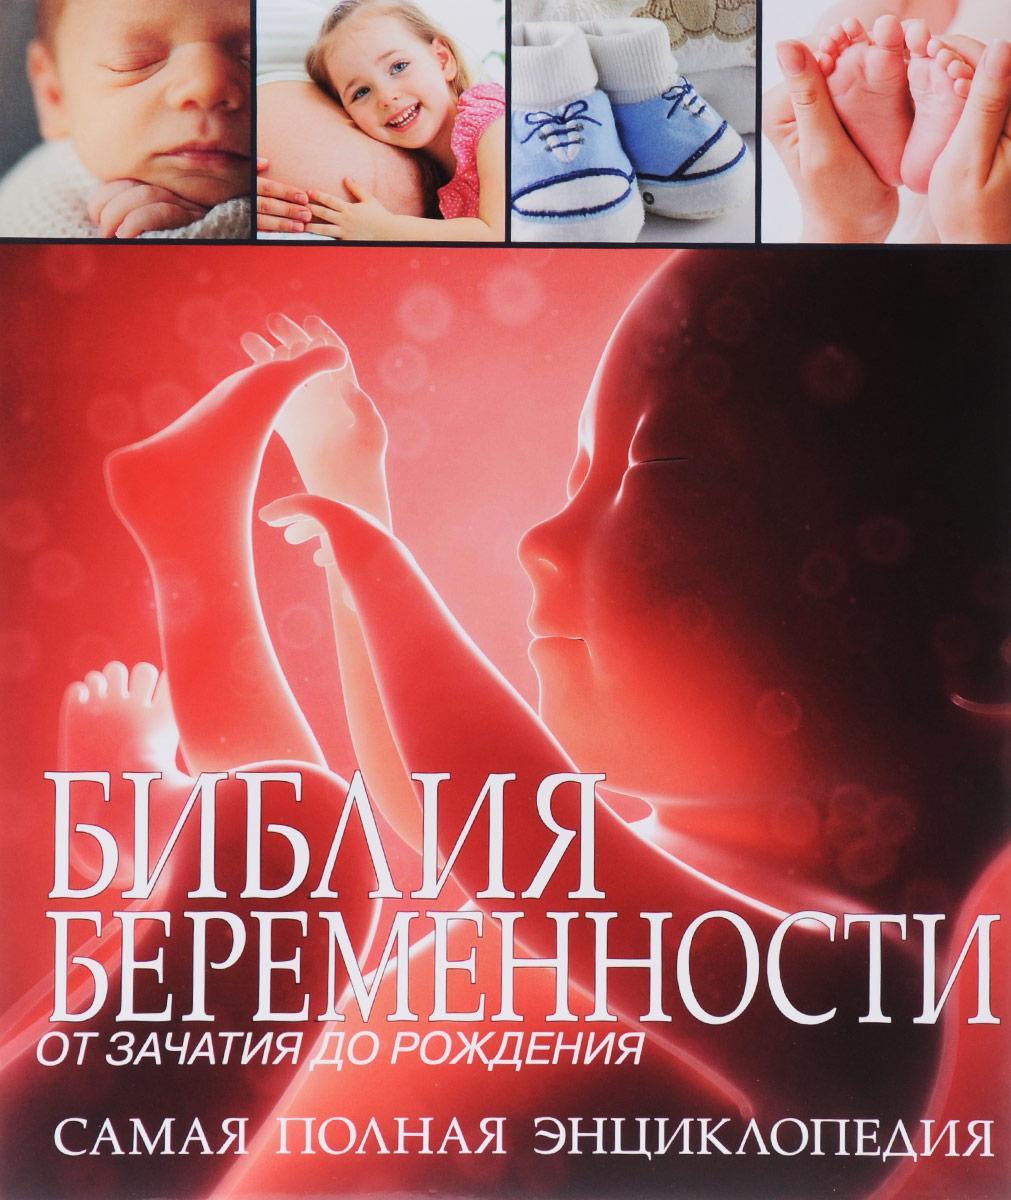 Дэйвис Джастин Библия беременности. От зачатия до рождения. Самая полная энциклопедия